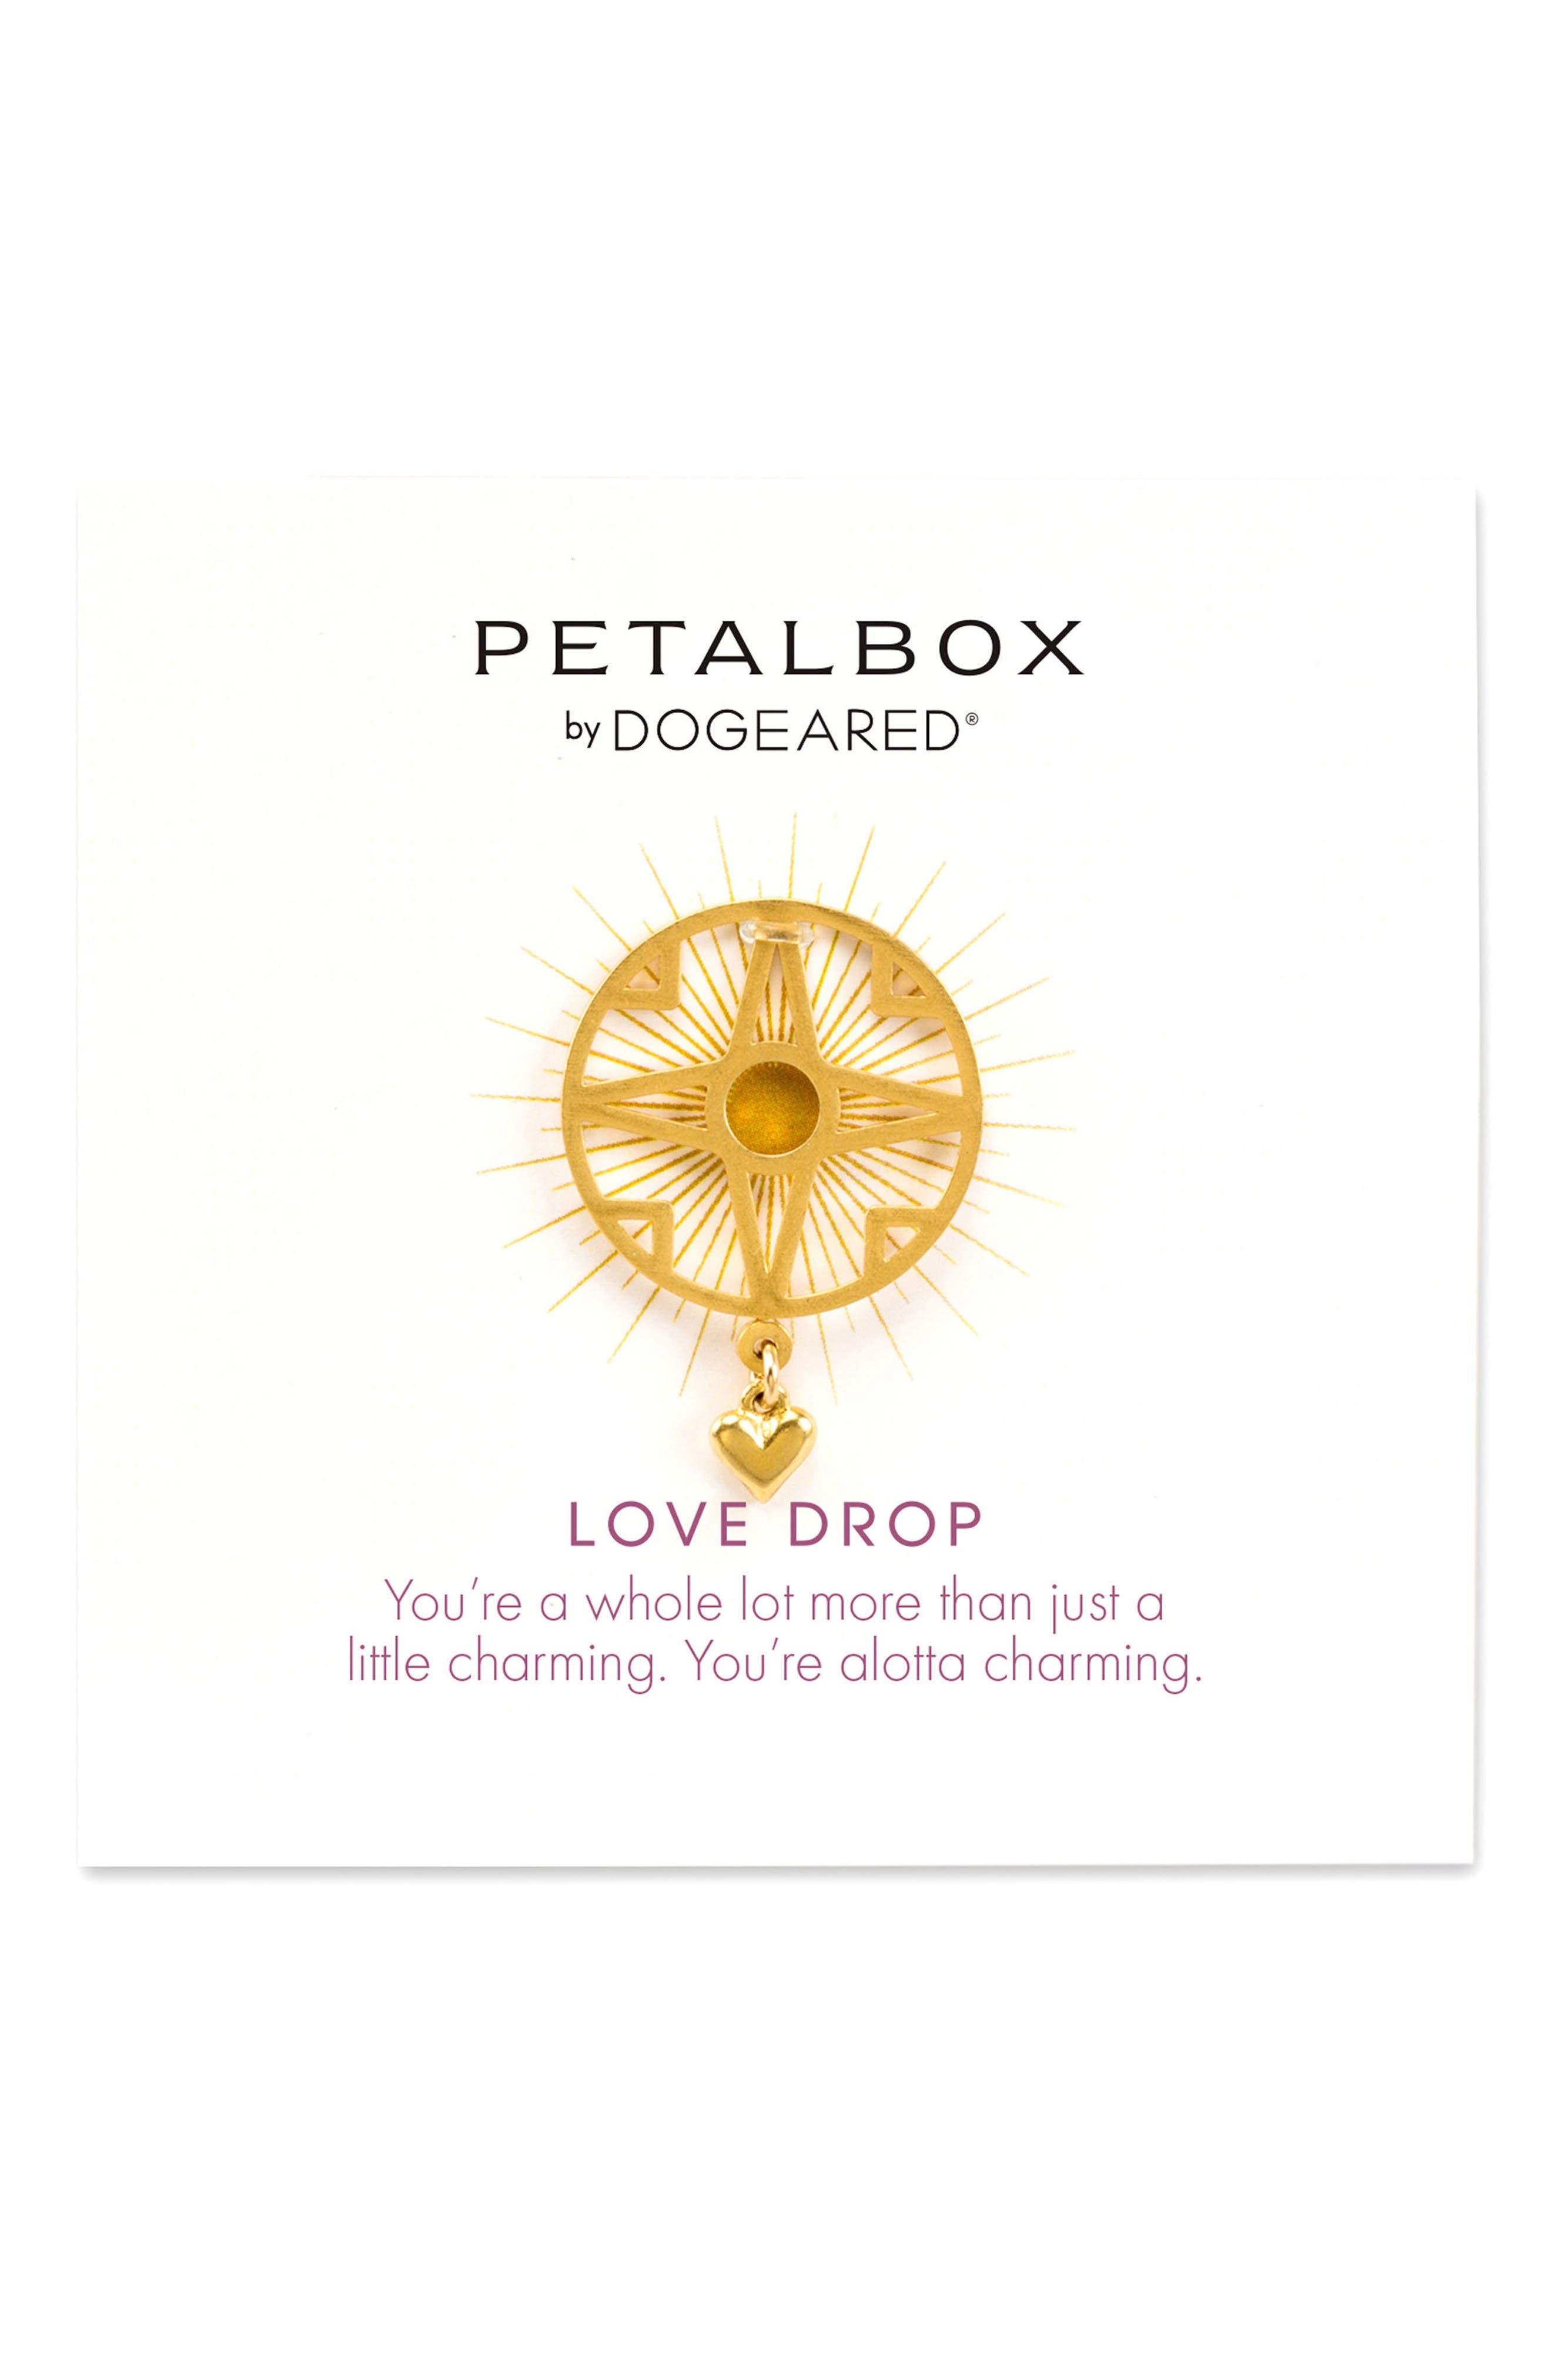 Dogeared Petalbox Love Drop Enhancer (Nordstrom Exclusive)